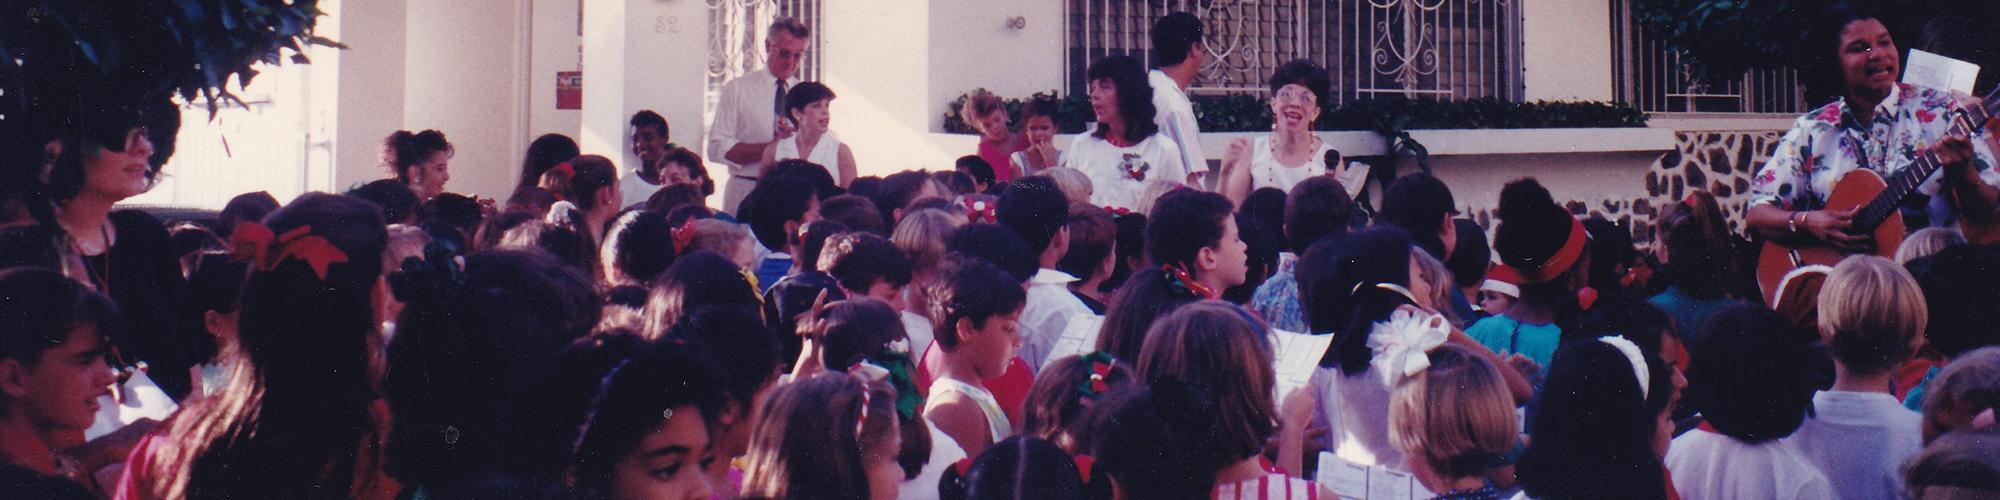 La Cresta Circa 1989